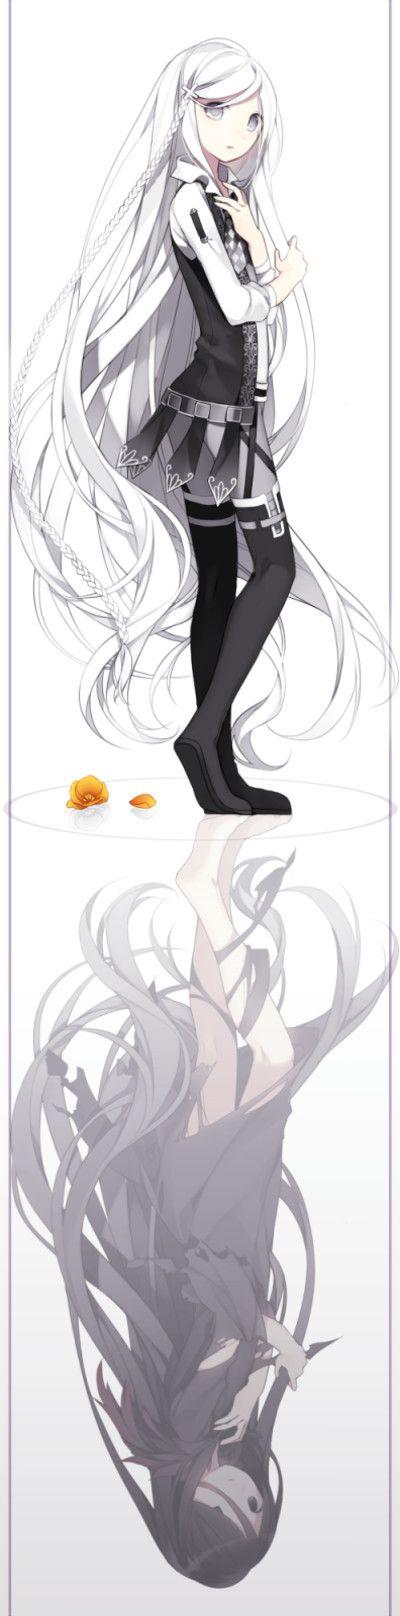 70 君を映す鏡 p站 二次元 原创 插画 壁纸 少女 倒影 - 堆糖 发现生活_收集美好_分享图片